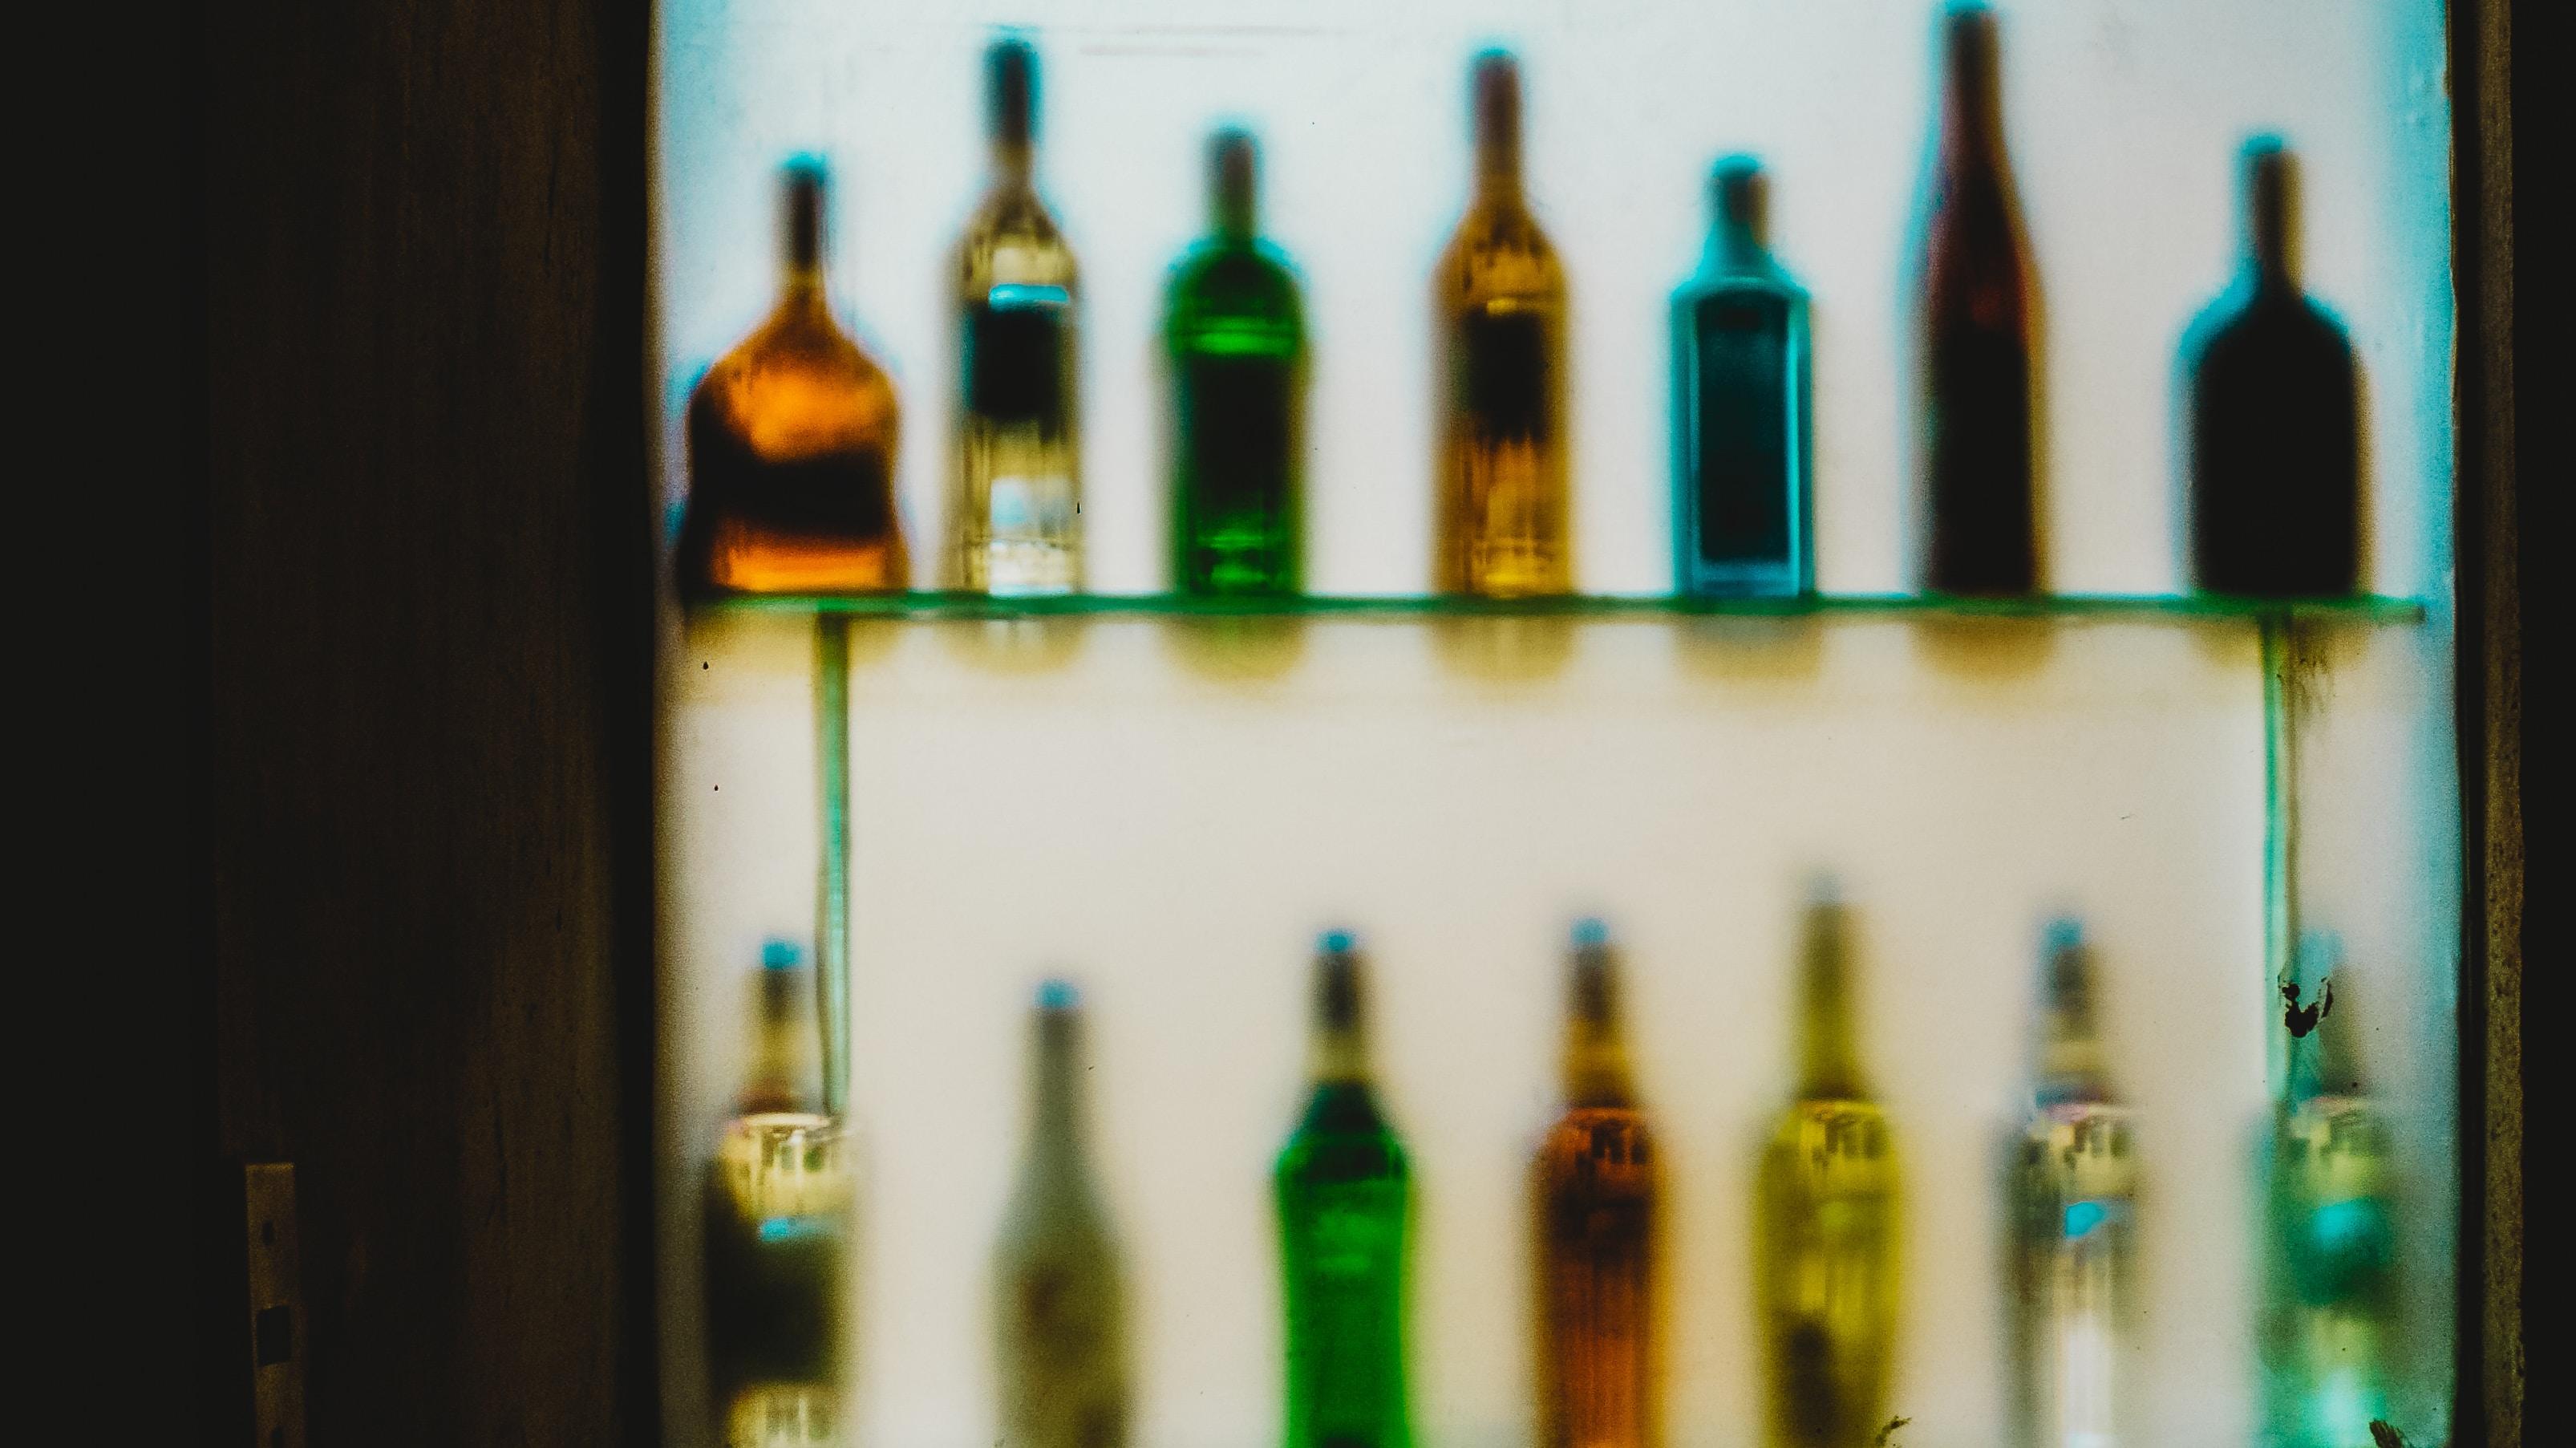 Schon gewusst? Das ABATON klärt über Alkohol auf.